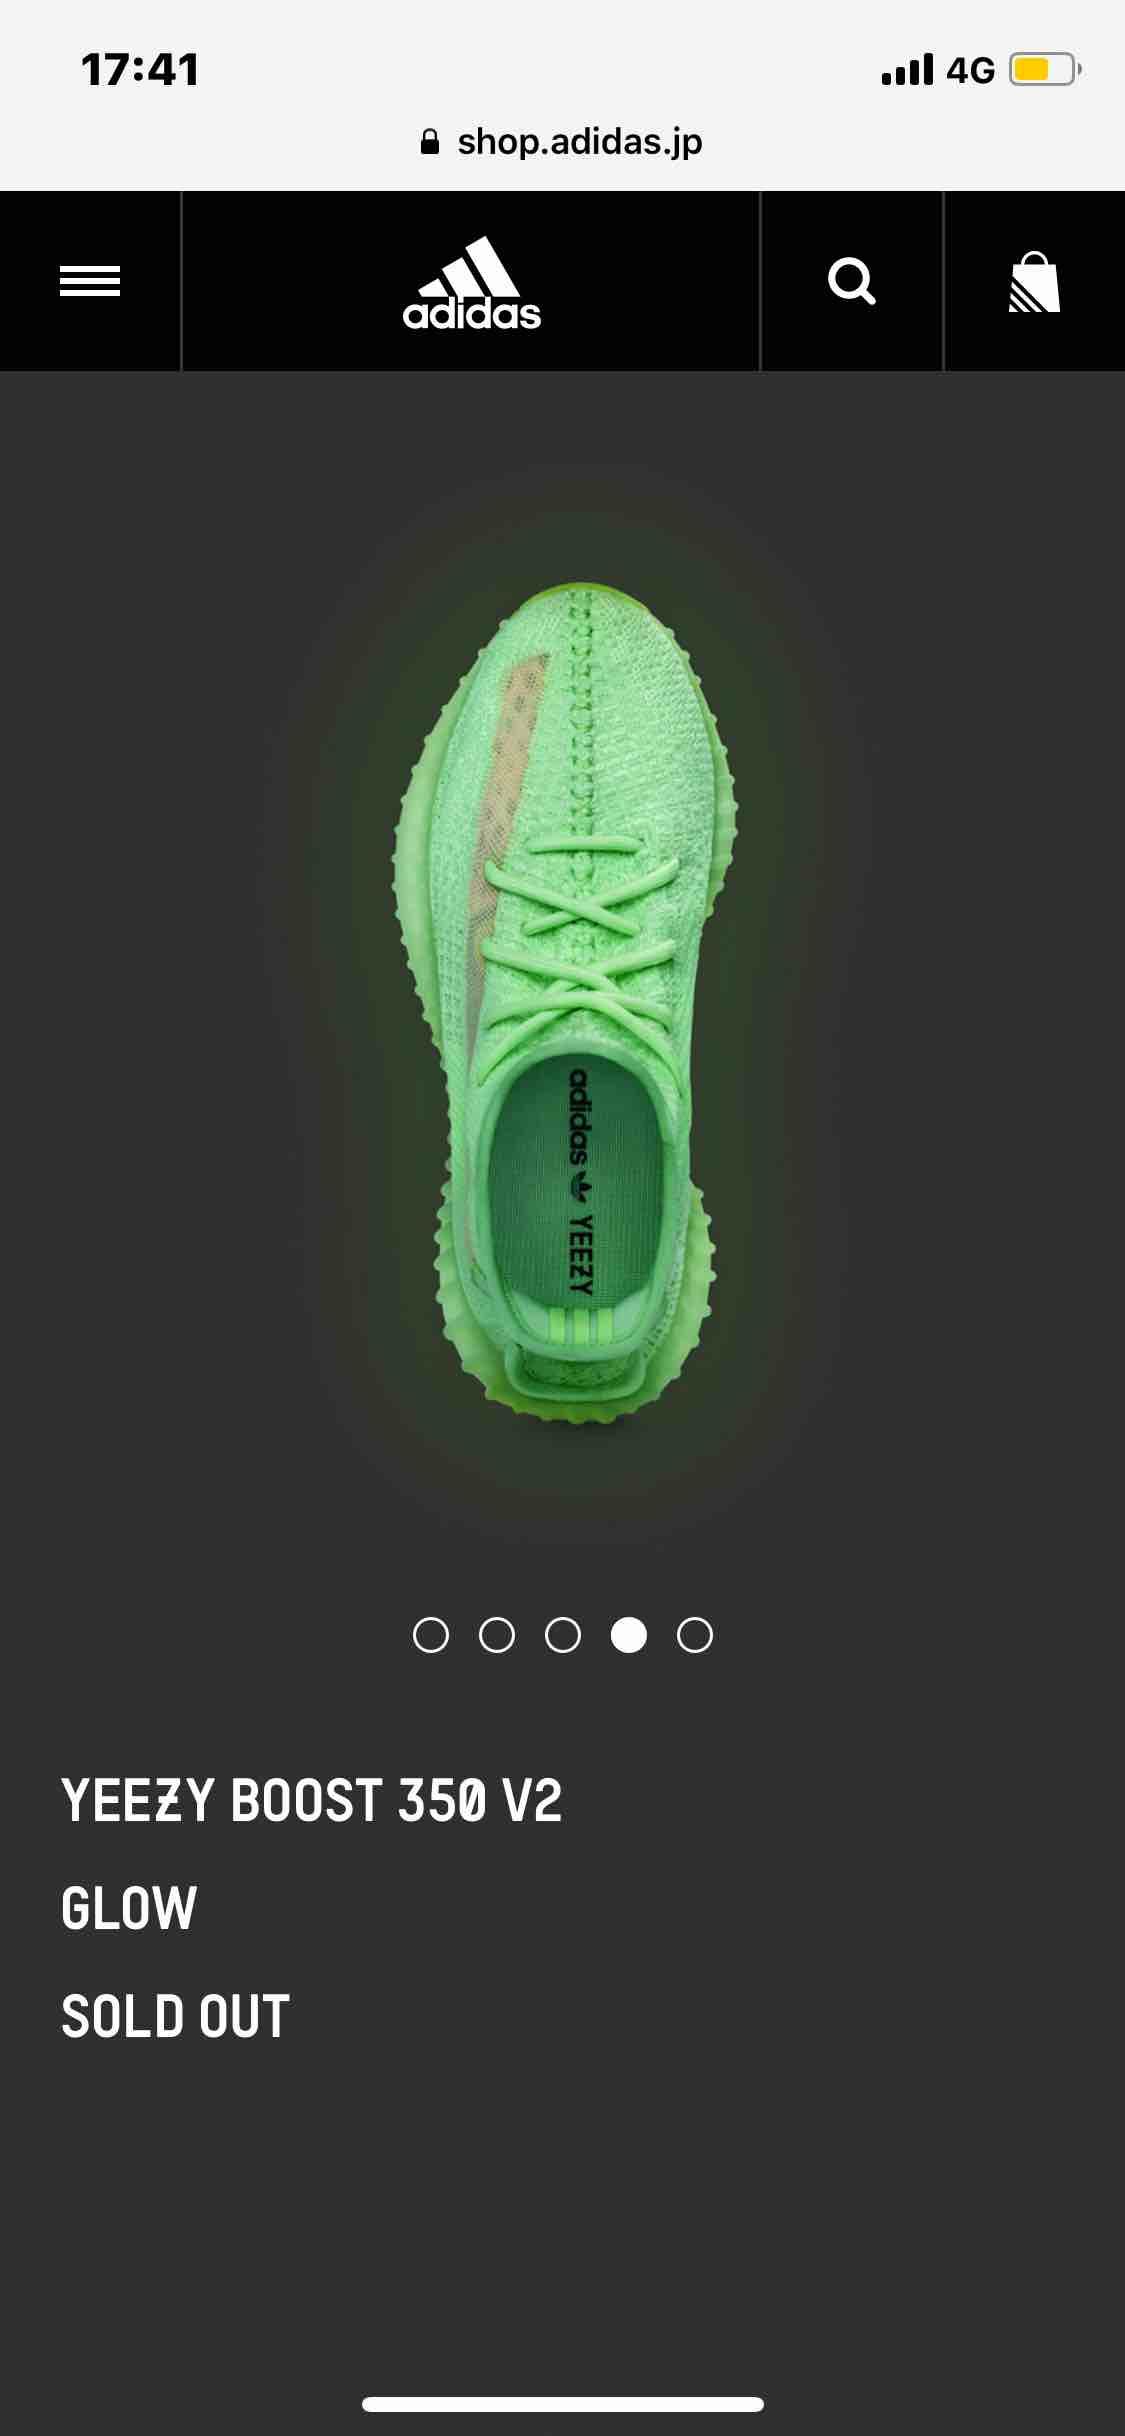 adidasもゲリラ? 知らんかった。。#イージーブースト350v2